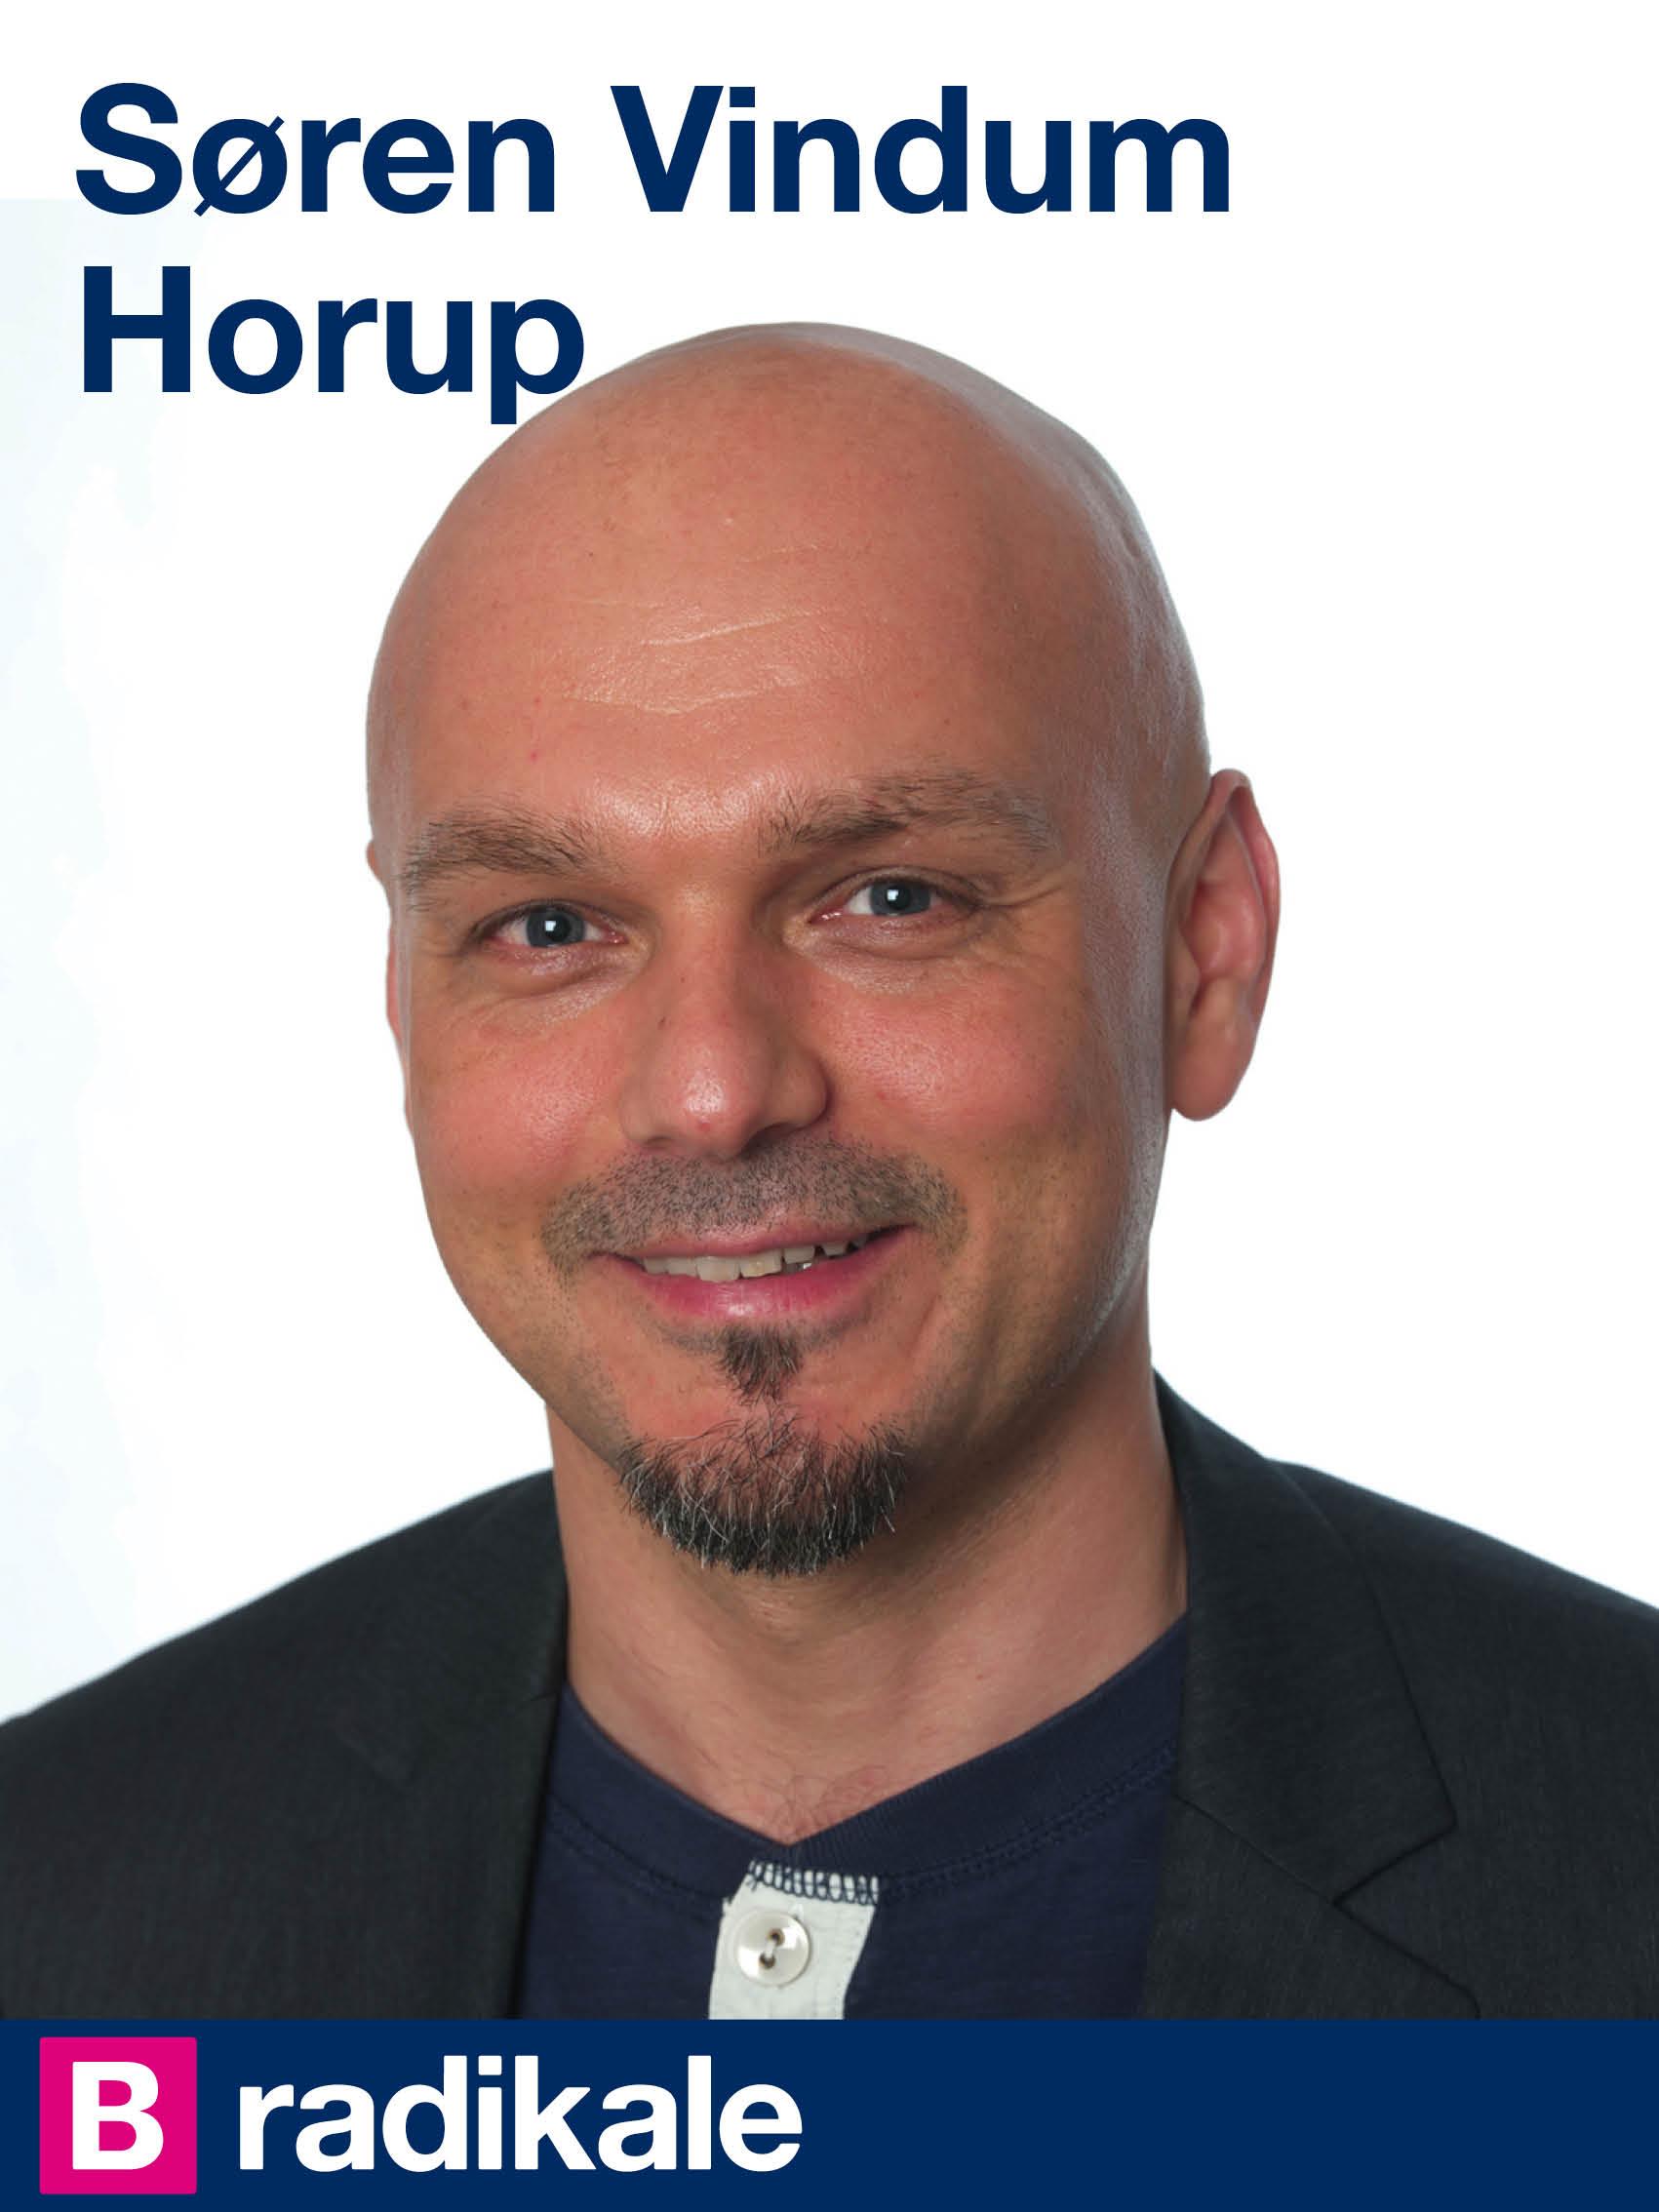 Søren Vindum Horup